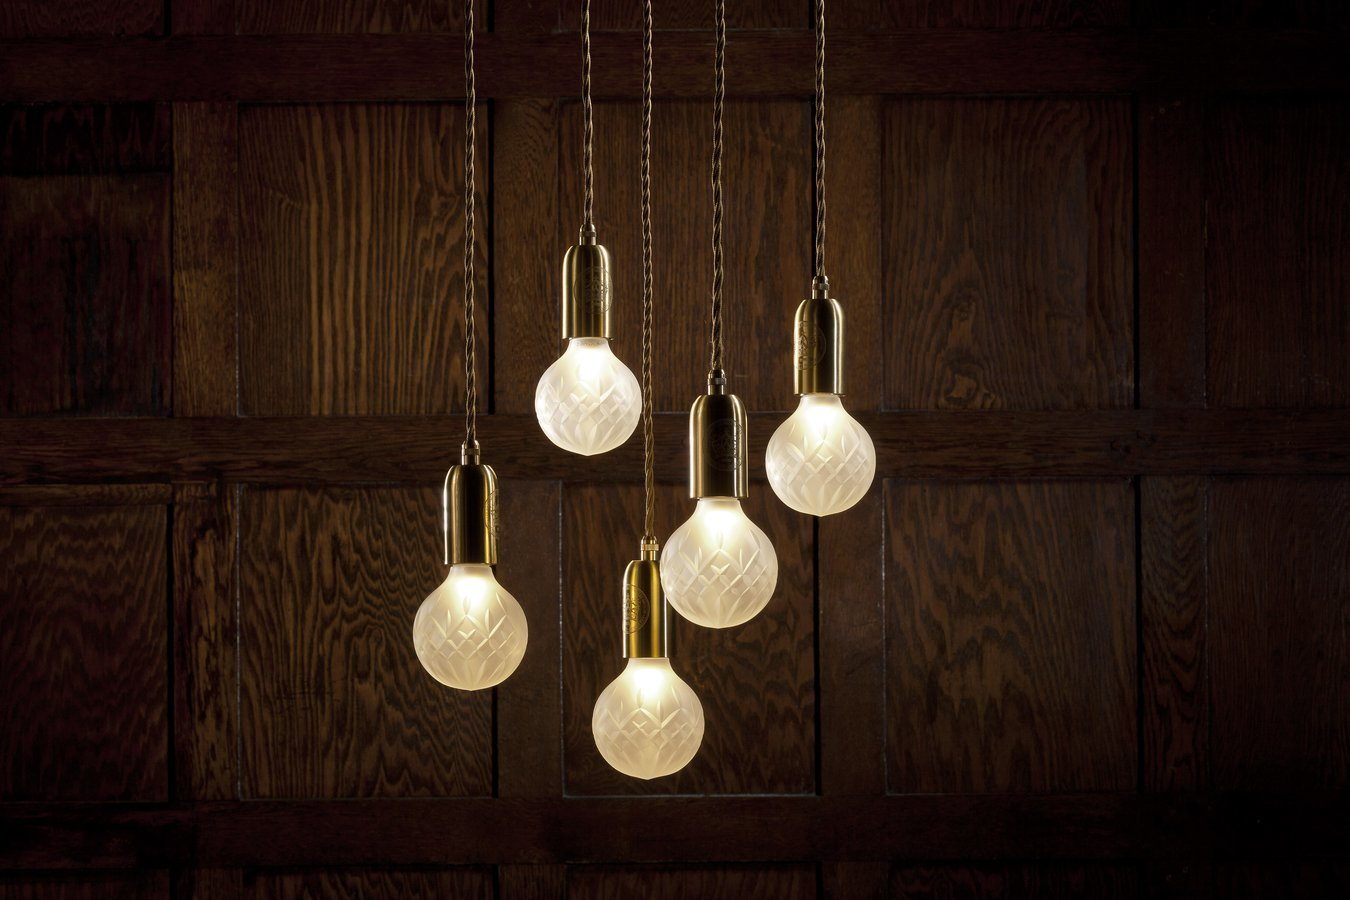 Подвесной светильник Crystal Bulb by Lee Broom (3 подвеса)